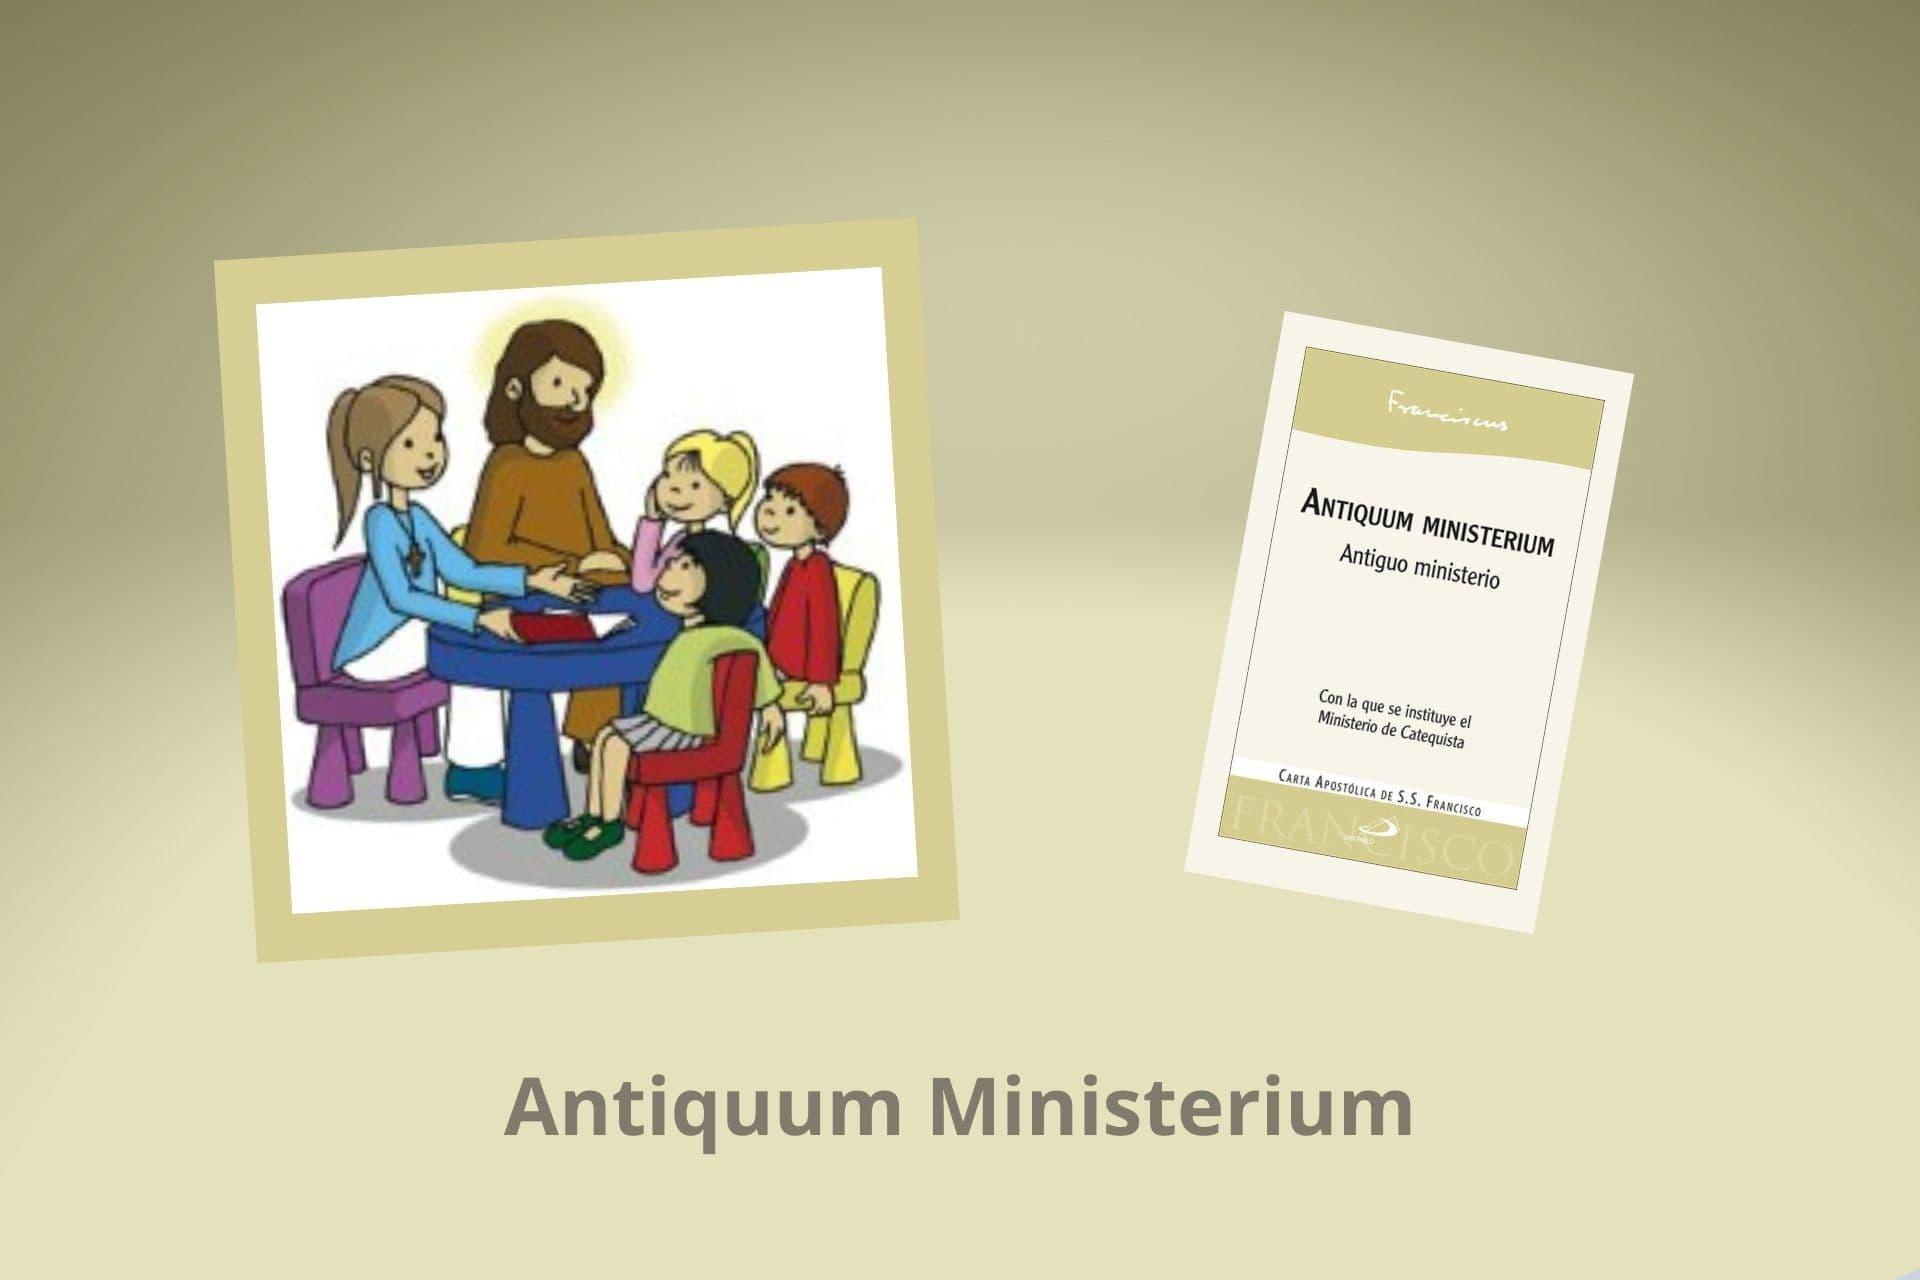 Cabecera Antiquum ministerium